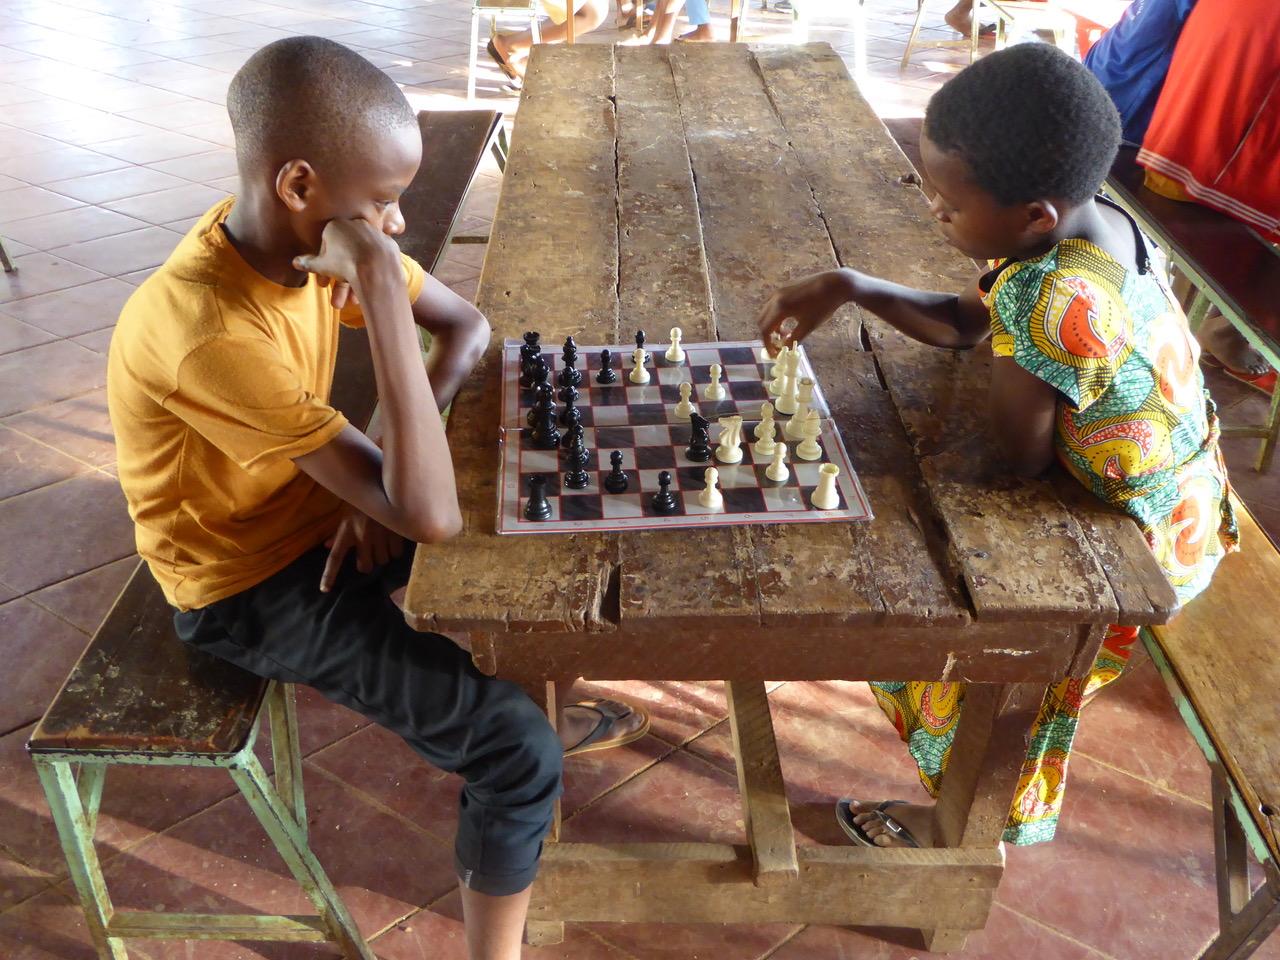 game-of-chess.jpg